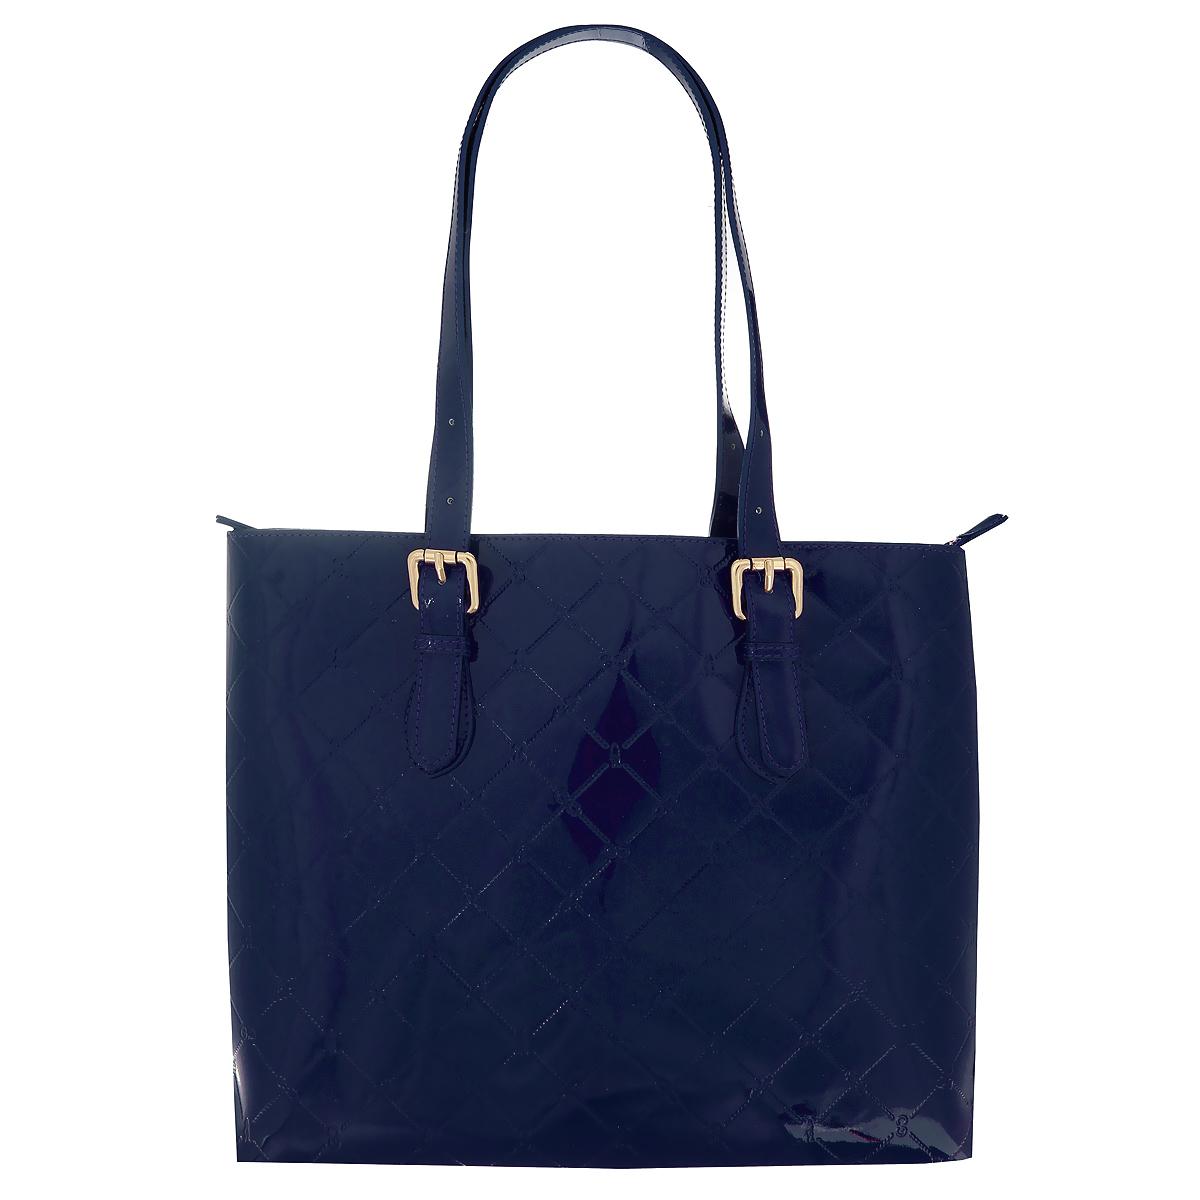 Сумка женская Gianni Conti, цвет: синий. 37739553773955 blueСтильная женская сумка Gianni Conti выполнена из высококачественной лаковой кожи синего цвета, оформленной декоративным тиснением. Сумка имеет одно вместительное отделение, закрывающееся на металлическую молнию. Внутри - вшитый кармашек на молнии, два накладных кармашка для мелочей и большой накладной карман. Сумка оснащена удобными ручками, позволяющими носить ее на плече. Фурнитура - золотистого цвета. Сумка - это стильный аксессуар, который подчеркнет вашу индивидуальность и сделает ваш образ завершенным. Знак Pelle Conciata al Vegetale in Toscana гарантирует, что кожа была выделана исключительно естественными извлеченными из растений танинами, без употребления запрещенных законом веществ. Танины, использованные в процессе медленного дубления, - секрет качества выделки. Маленькие прожилки, морщины и едва заметные царапины свидетельствуют о естественности материала, гарантируя уникальность каждой кожи. И сегодня в сердце Тосканы дубильщики верны традициям...